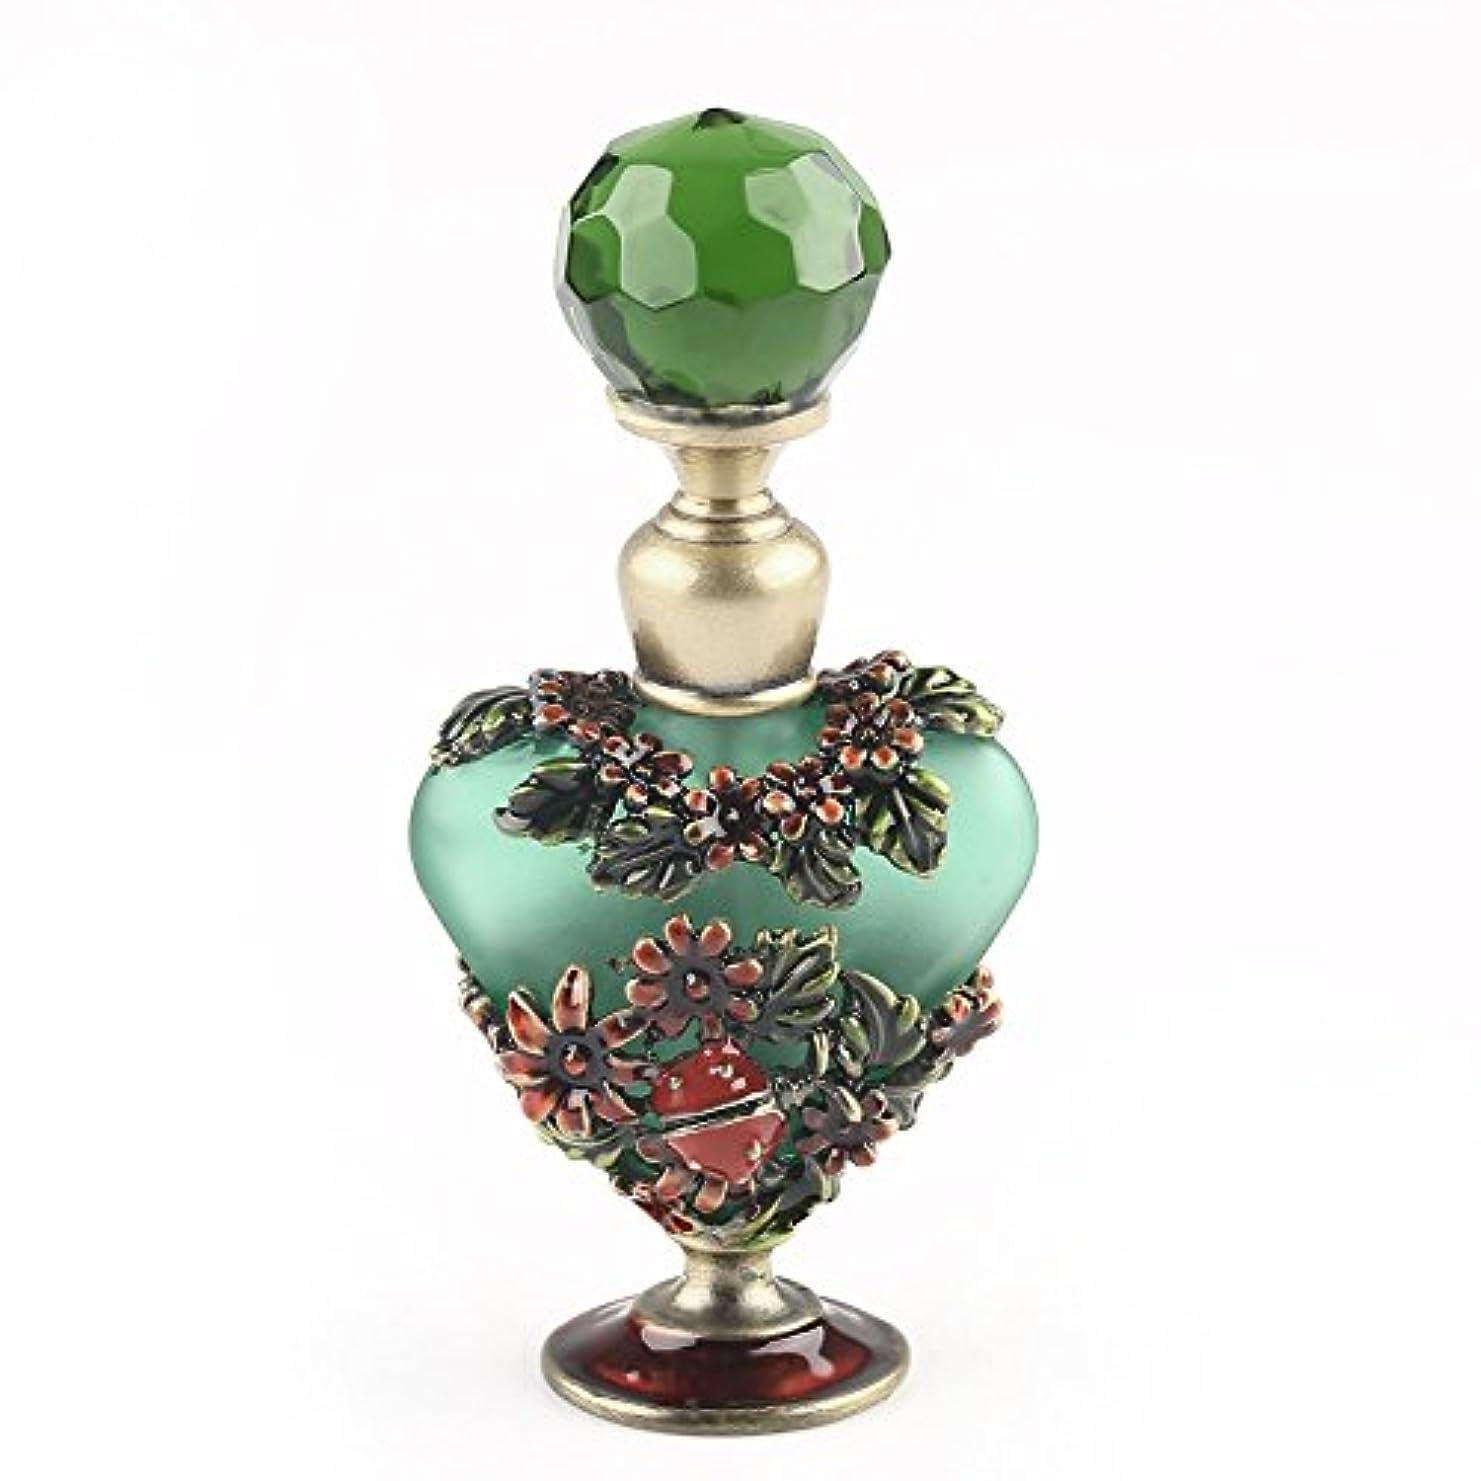 内訳動脈異常なVERY100 高品質 美しい香水瓶/アロマボトル 5ML アロマオイル用瓶 綺麗アンティーク調 フラワーデザイン プレゼント 結婚式 飾り 70292